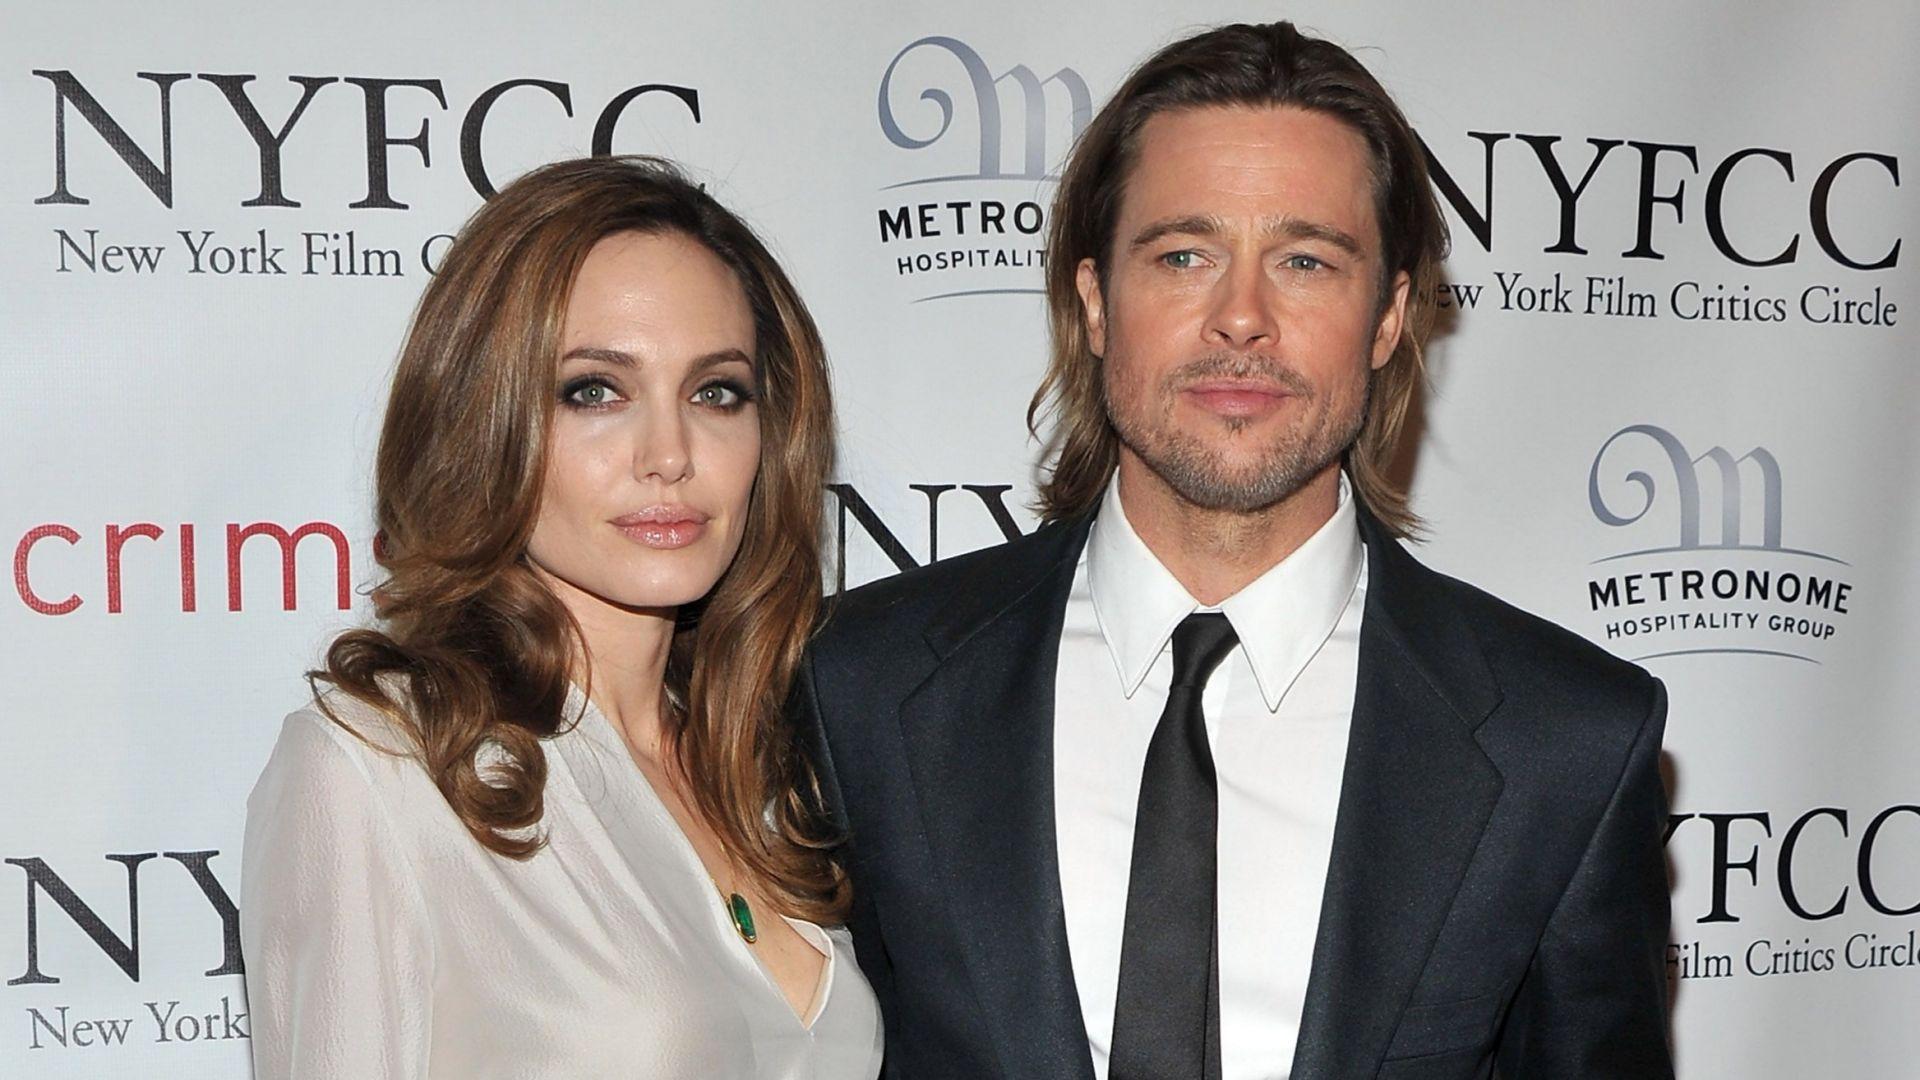 Анджелина настоява да финализира развода, Брад не давал достатъчно пари